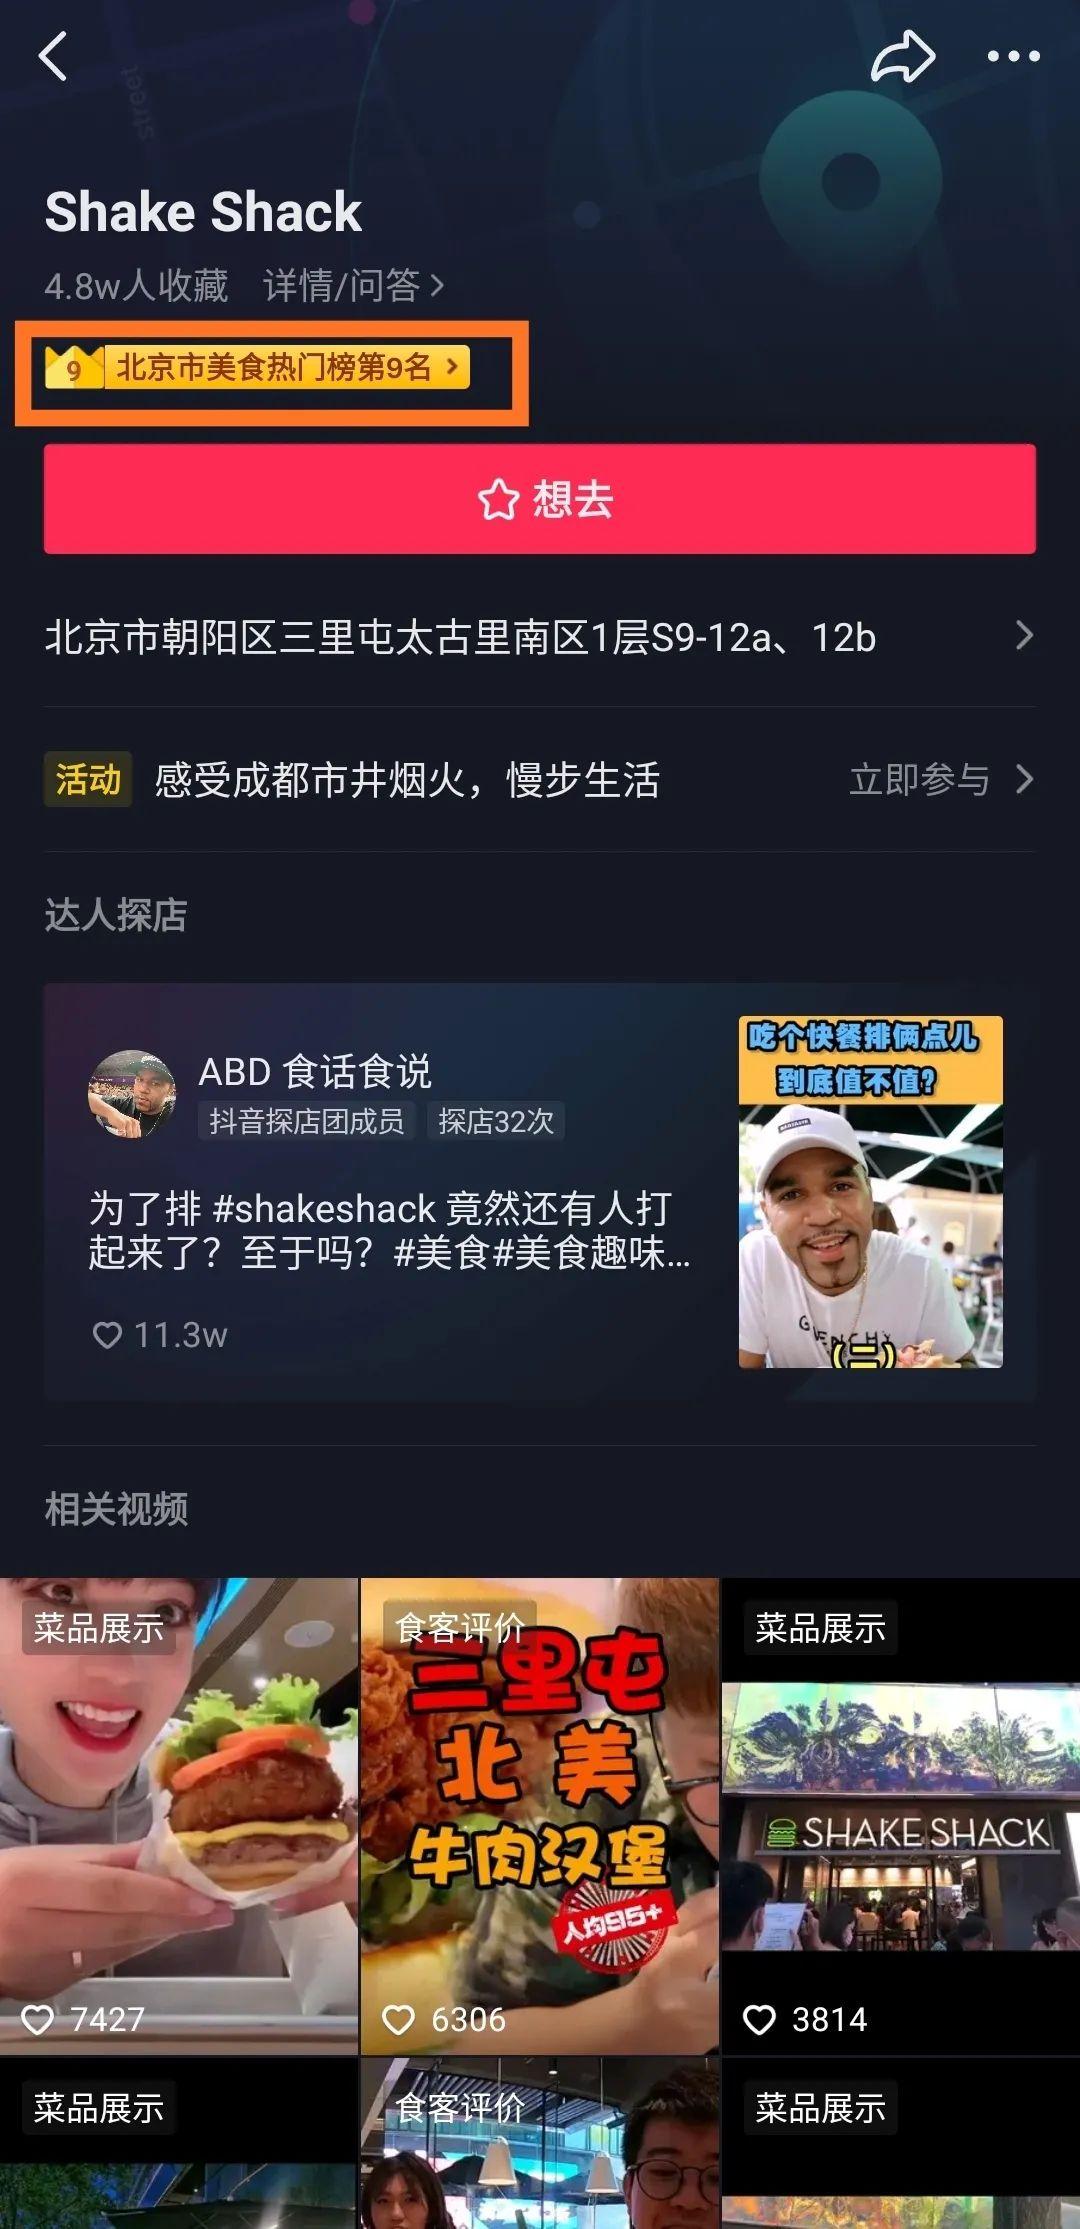 新媒体推广三驾马车之抖音推广